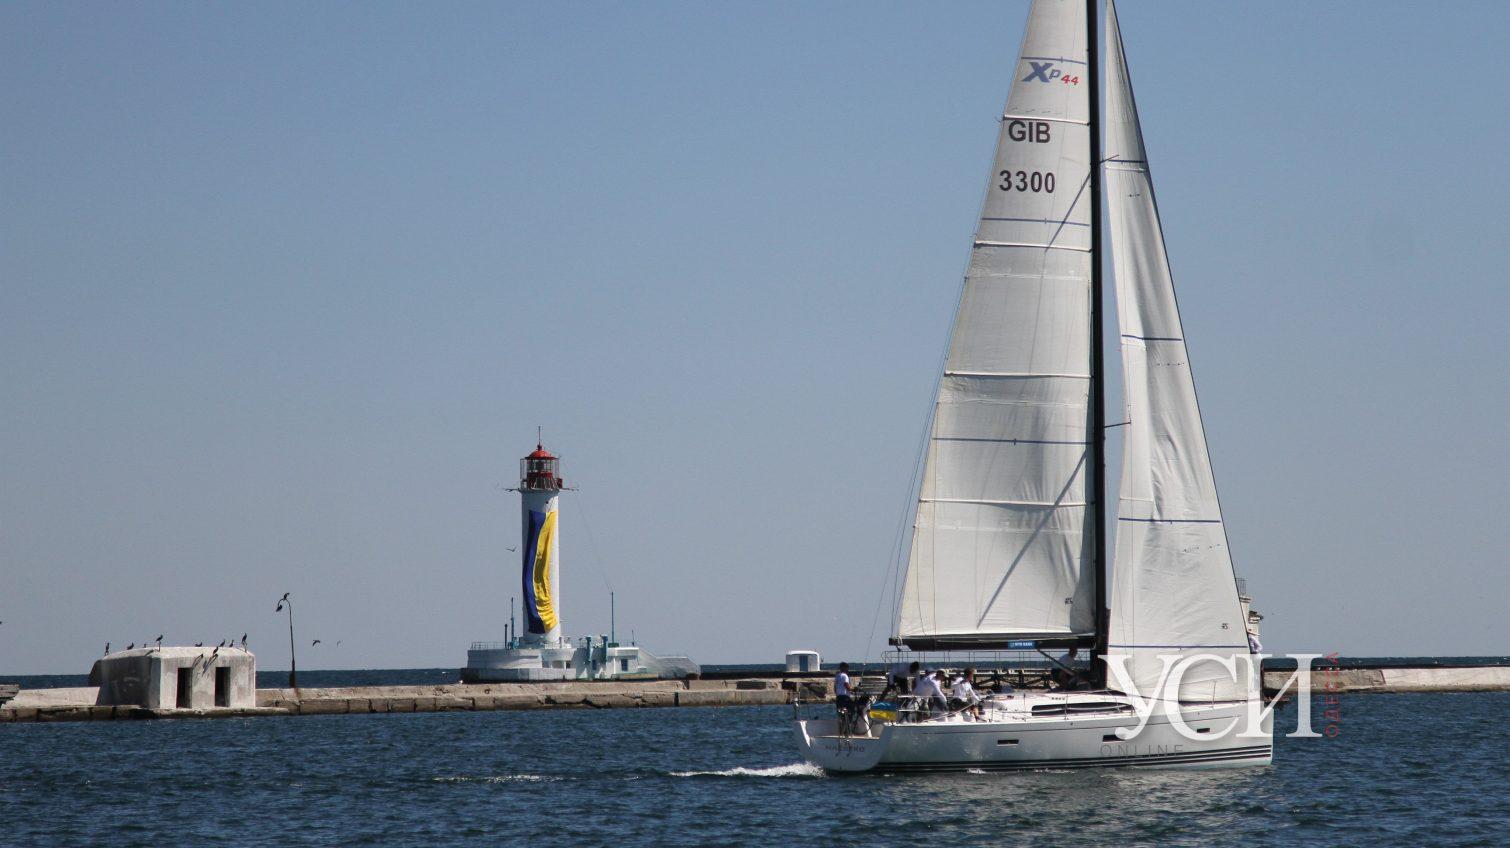 Поднять паруса: акваторию у Одессы заполонили яхты (фоторепортаж) «фото»